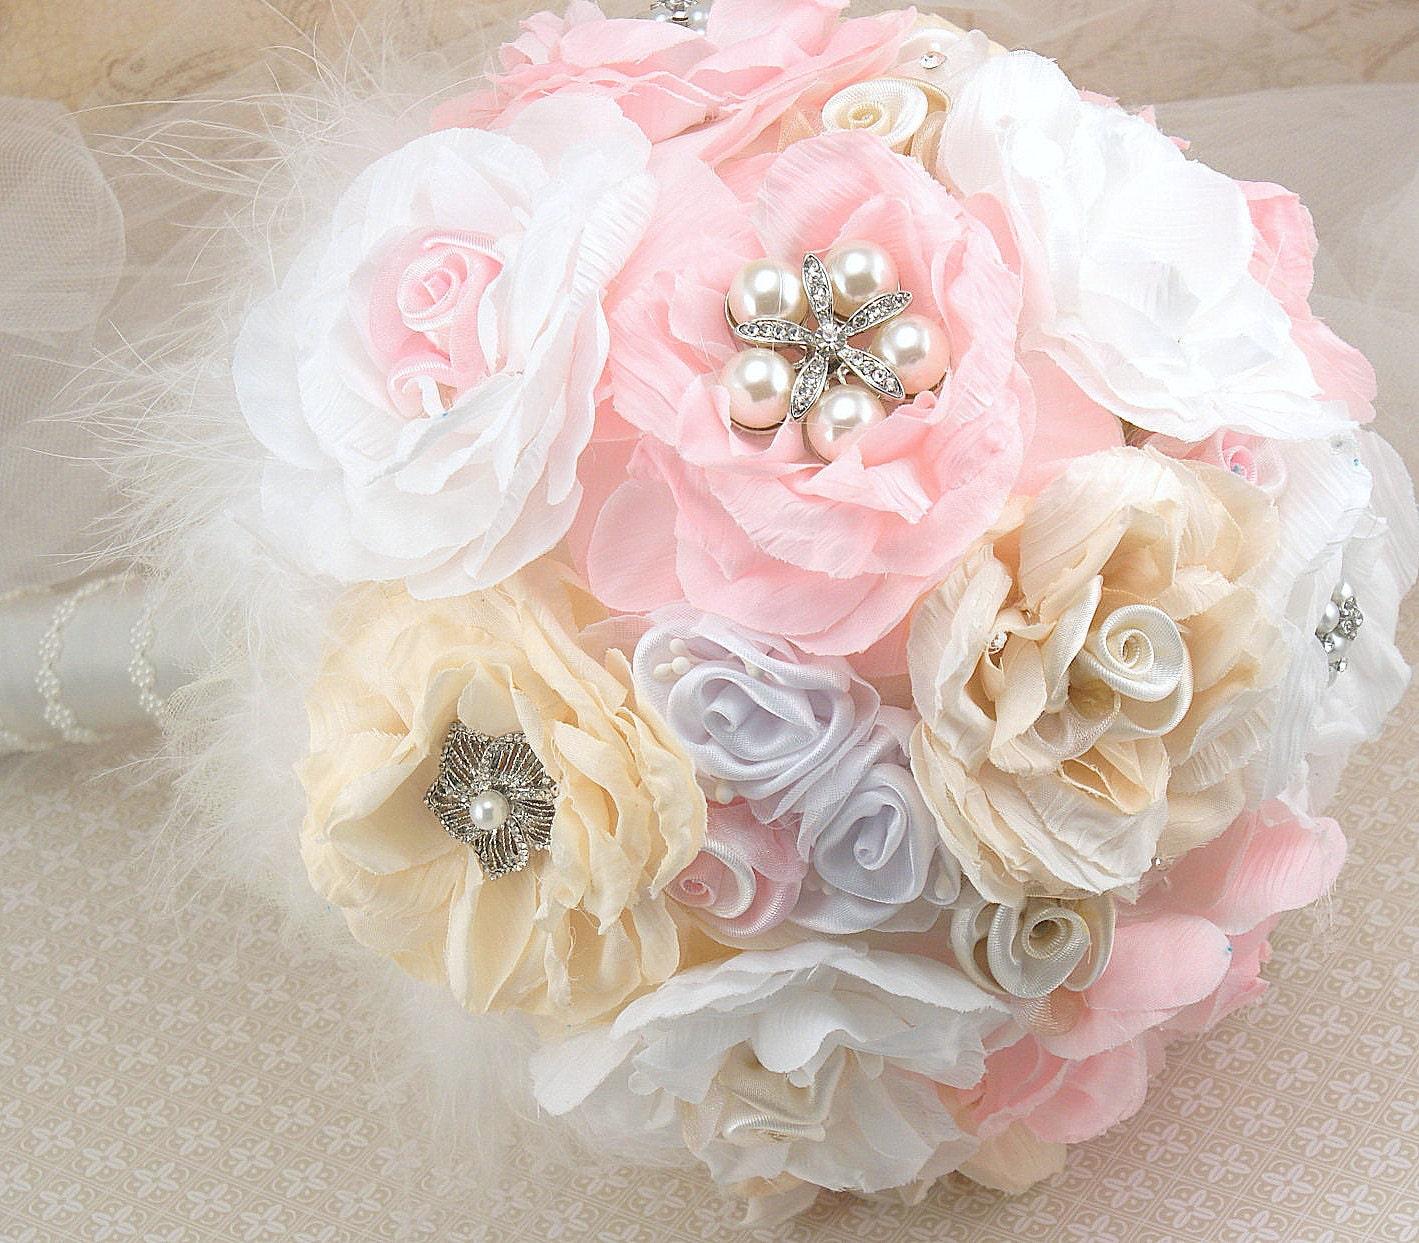 Брошь Букет LARGE Свадебный букет в Jeweled Blush Pink, кремовый и белый с Цветы из ткани